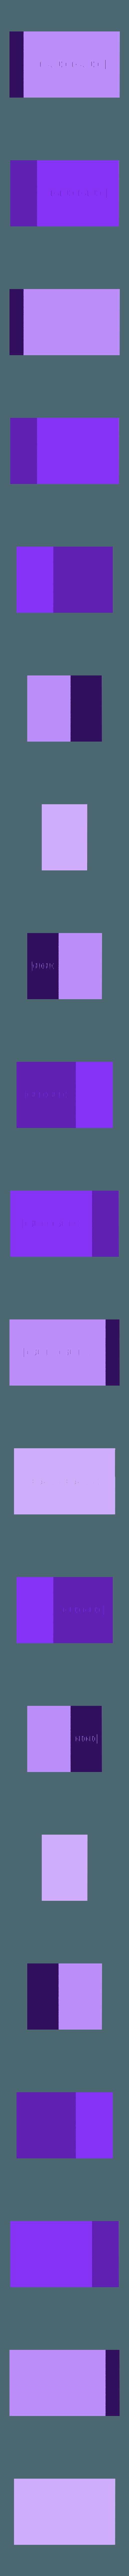 CarteDeVisite_a_iguigui.stl Télécharger fichier STL gratuit Boîte à cartes design • Plan imprimable en 3D, iguigui